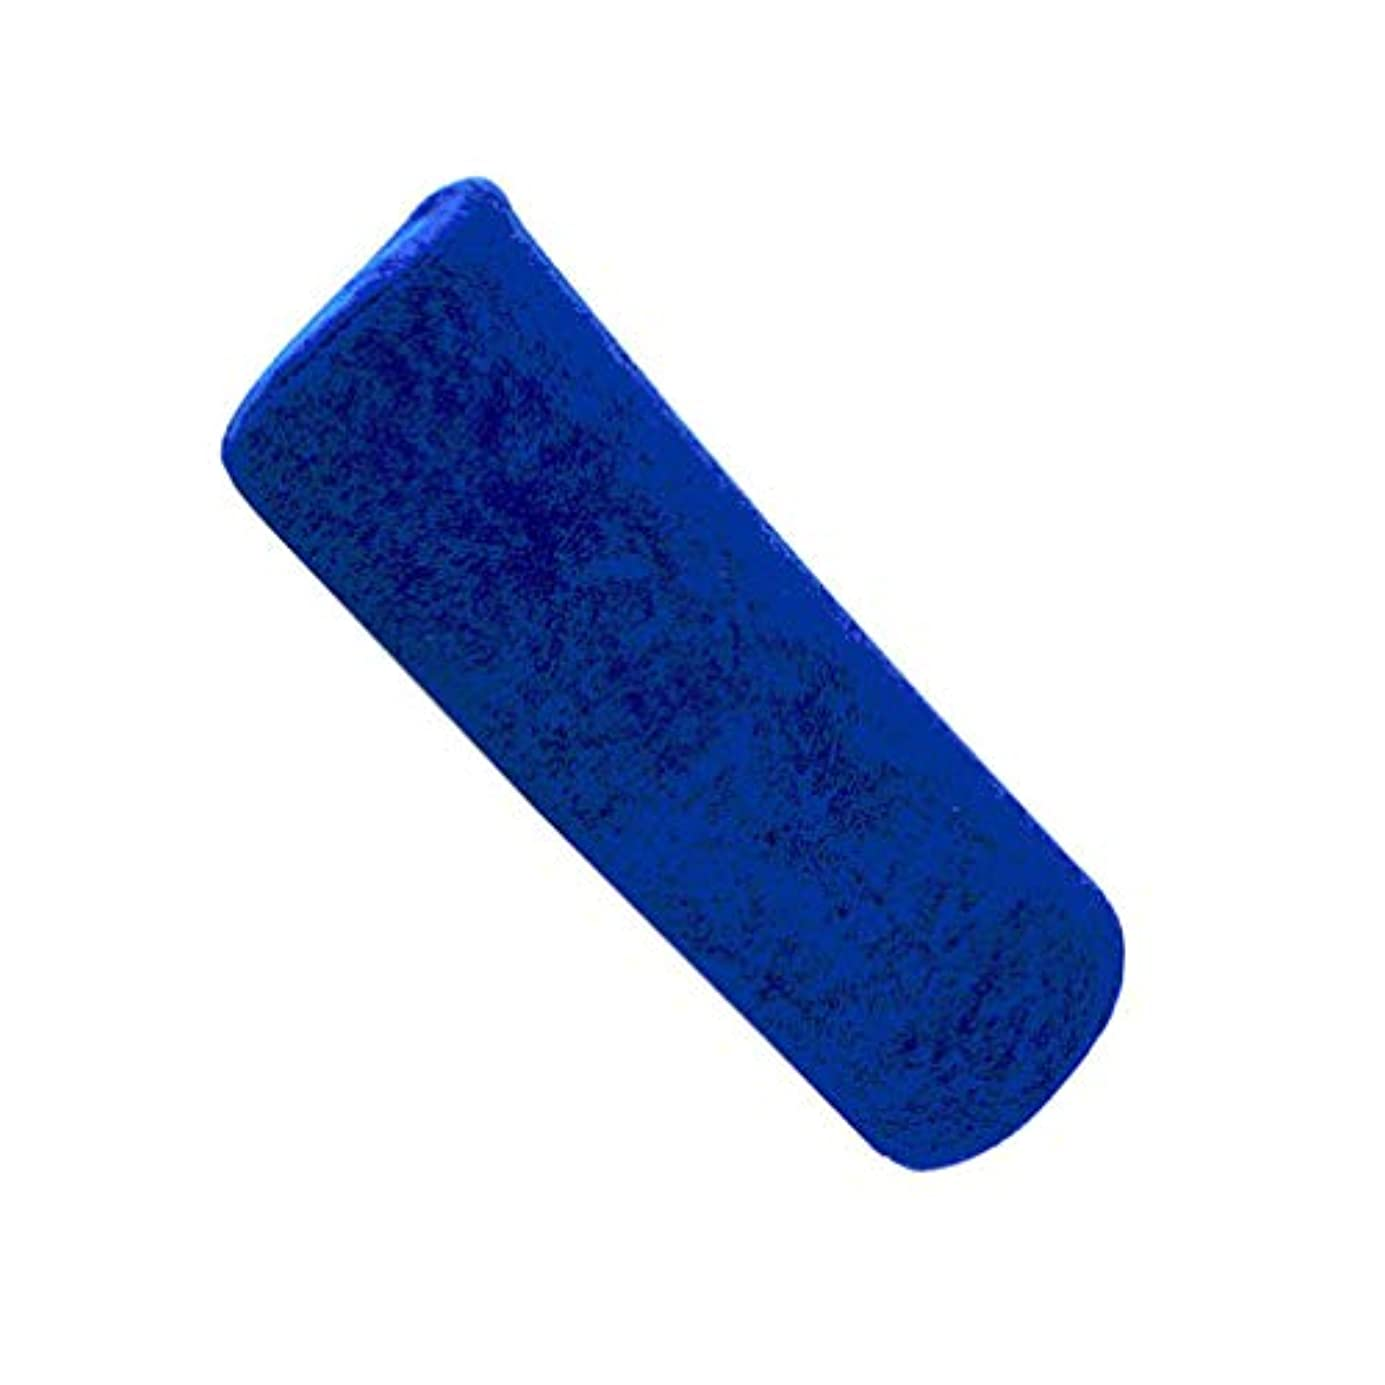 反応する死んでいるストライプ1st market プレミアムマニキュアショップソフトハンドレストクッション枕ネイルアートデザインマニキュアケアトリートメントサロンツールロイヤルブルー